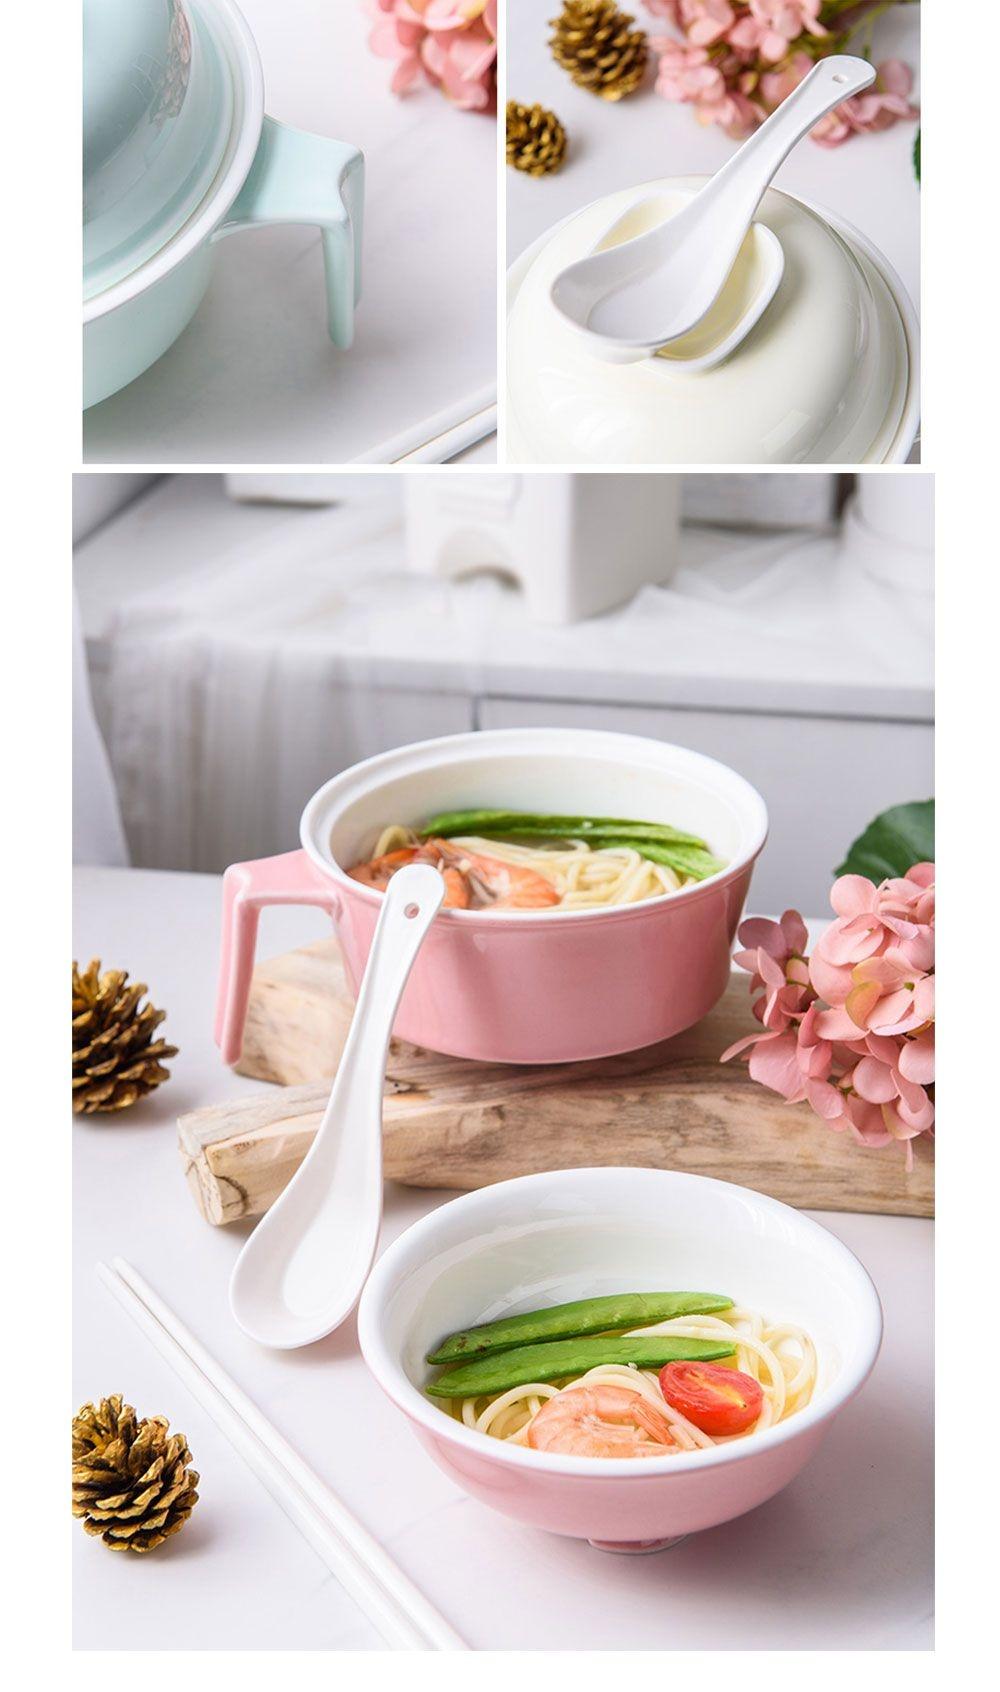 Dirt Resistant Ceramic Instant Noodles Bowl Dish Soap Free